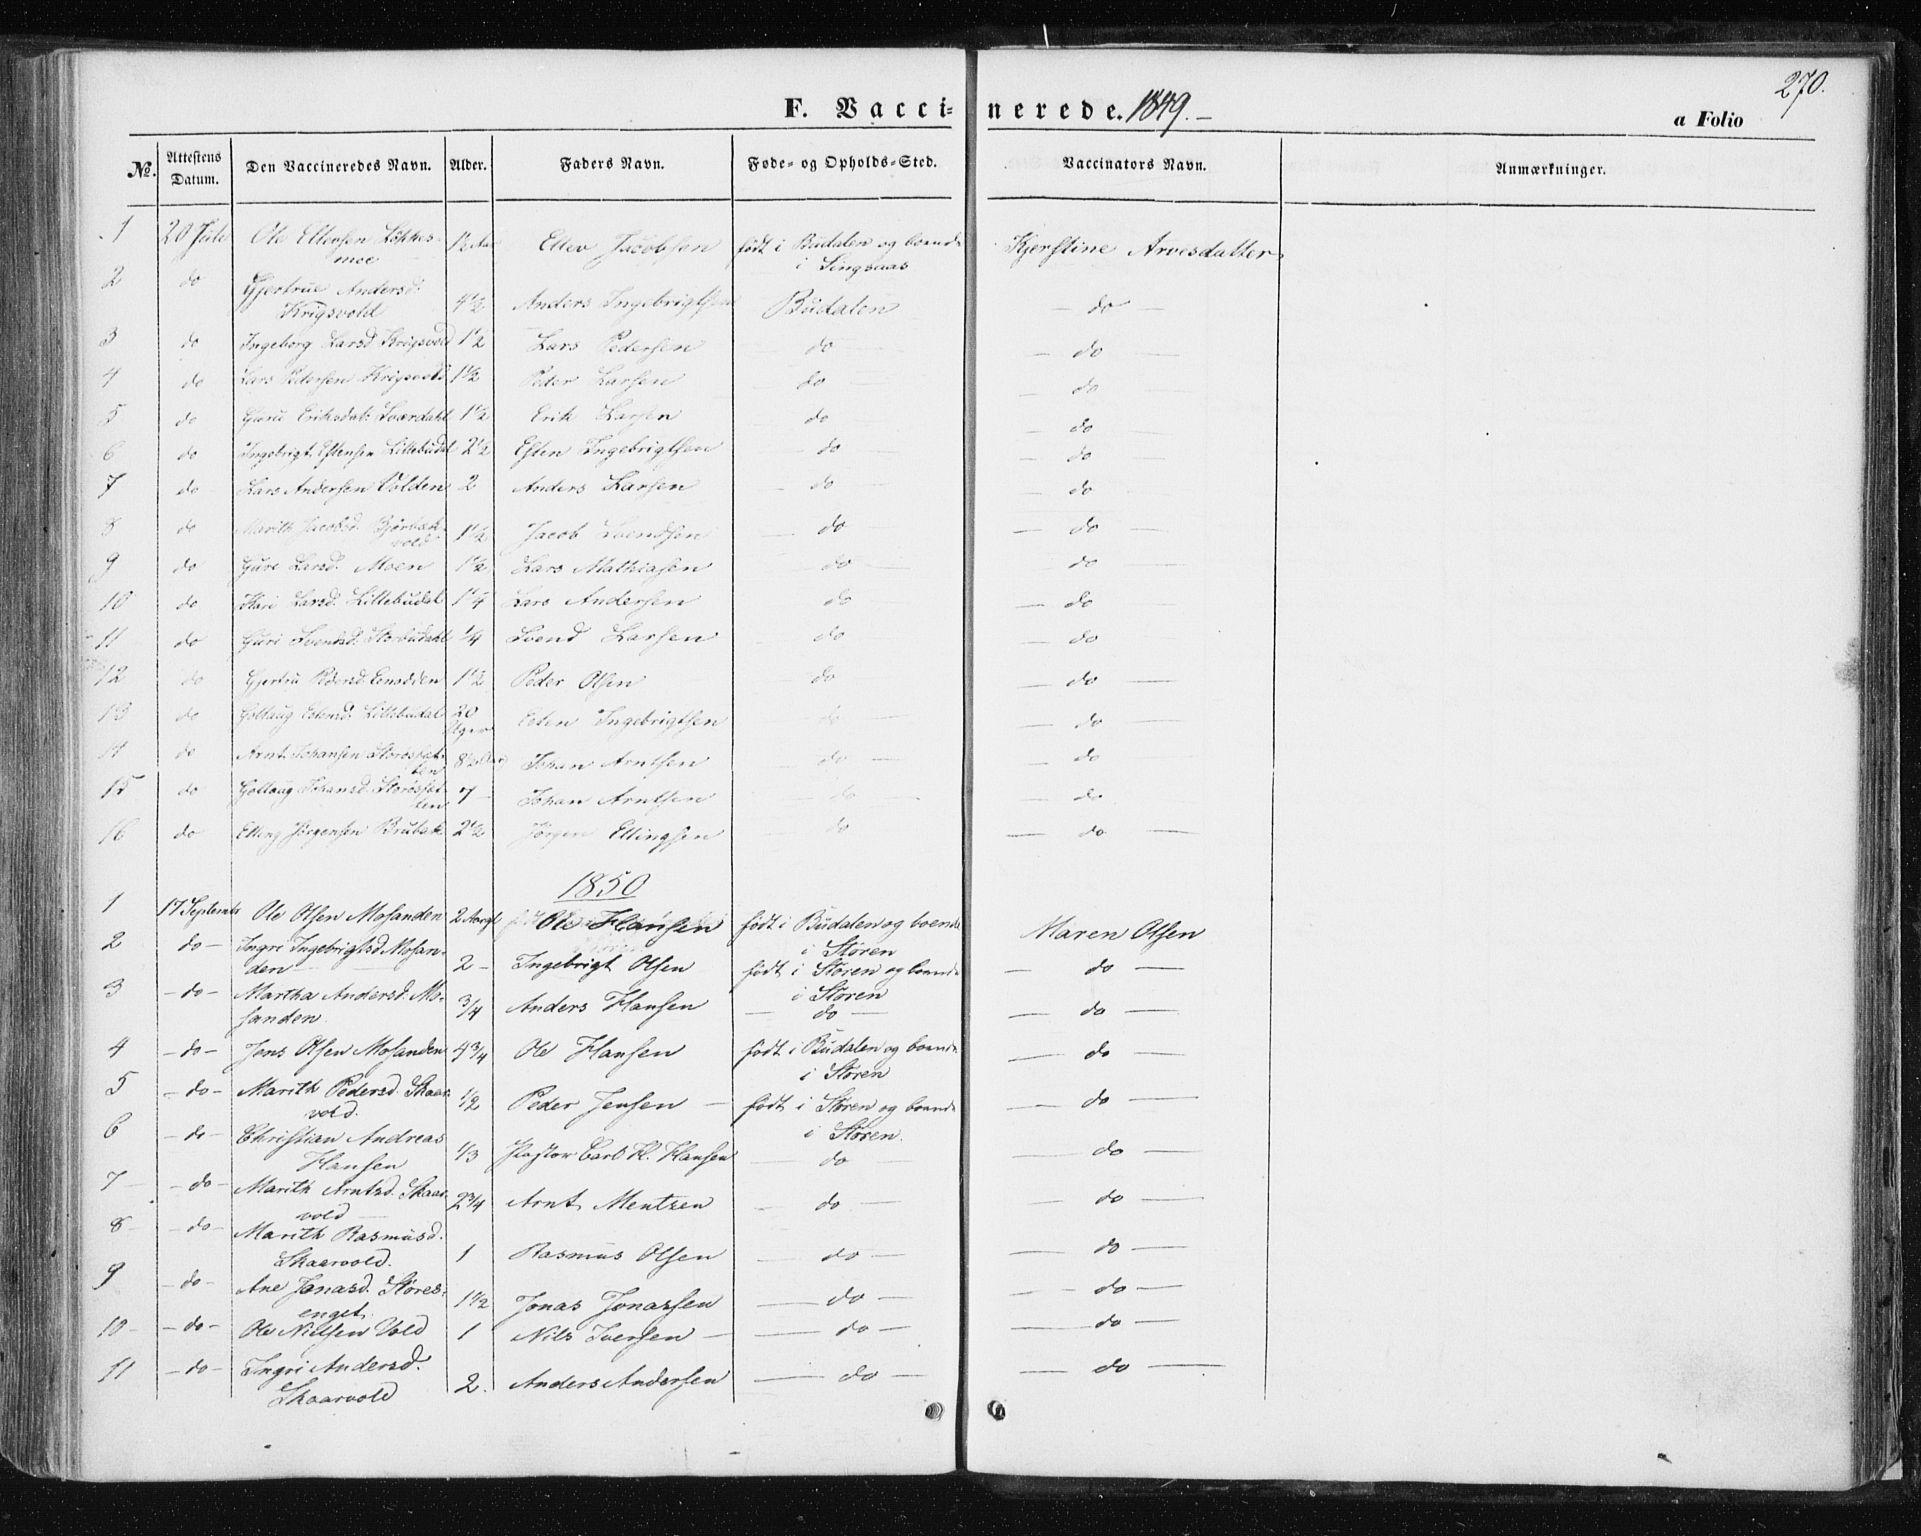 SAT, Ministerialprotokoller, klokkerbøker og fødselsregistre - Sør-Trøndelag, 687/L1000: Ministerialbok nr. 687A06, 1848-1869, s. 270